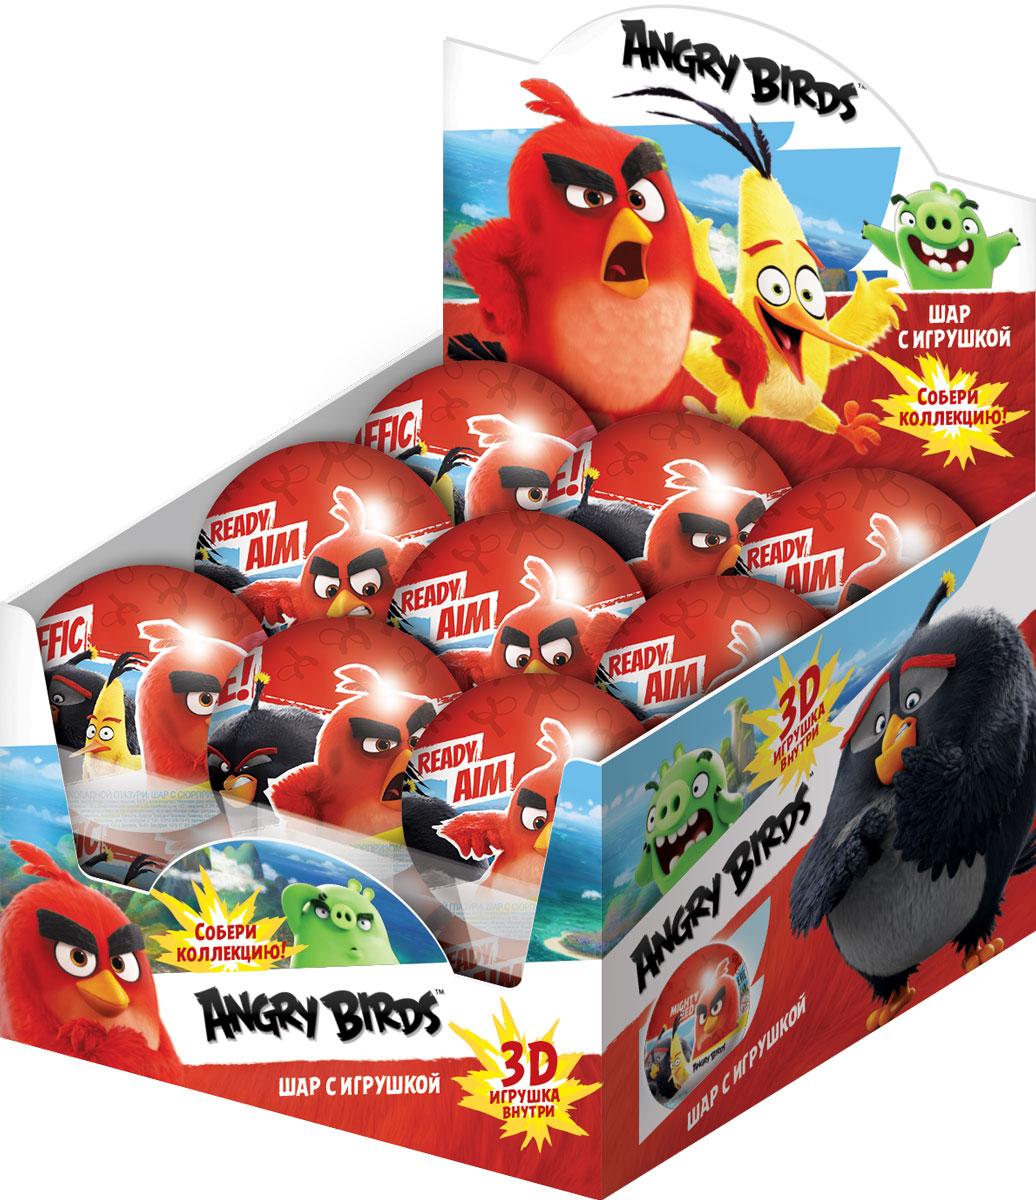 Angry Birds Movie шоколадный шар с сюрпризом, 18 шт по 25 г конфитрейд angry birds movie драже холодинки 40 шт по 17 г